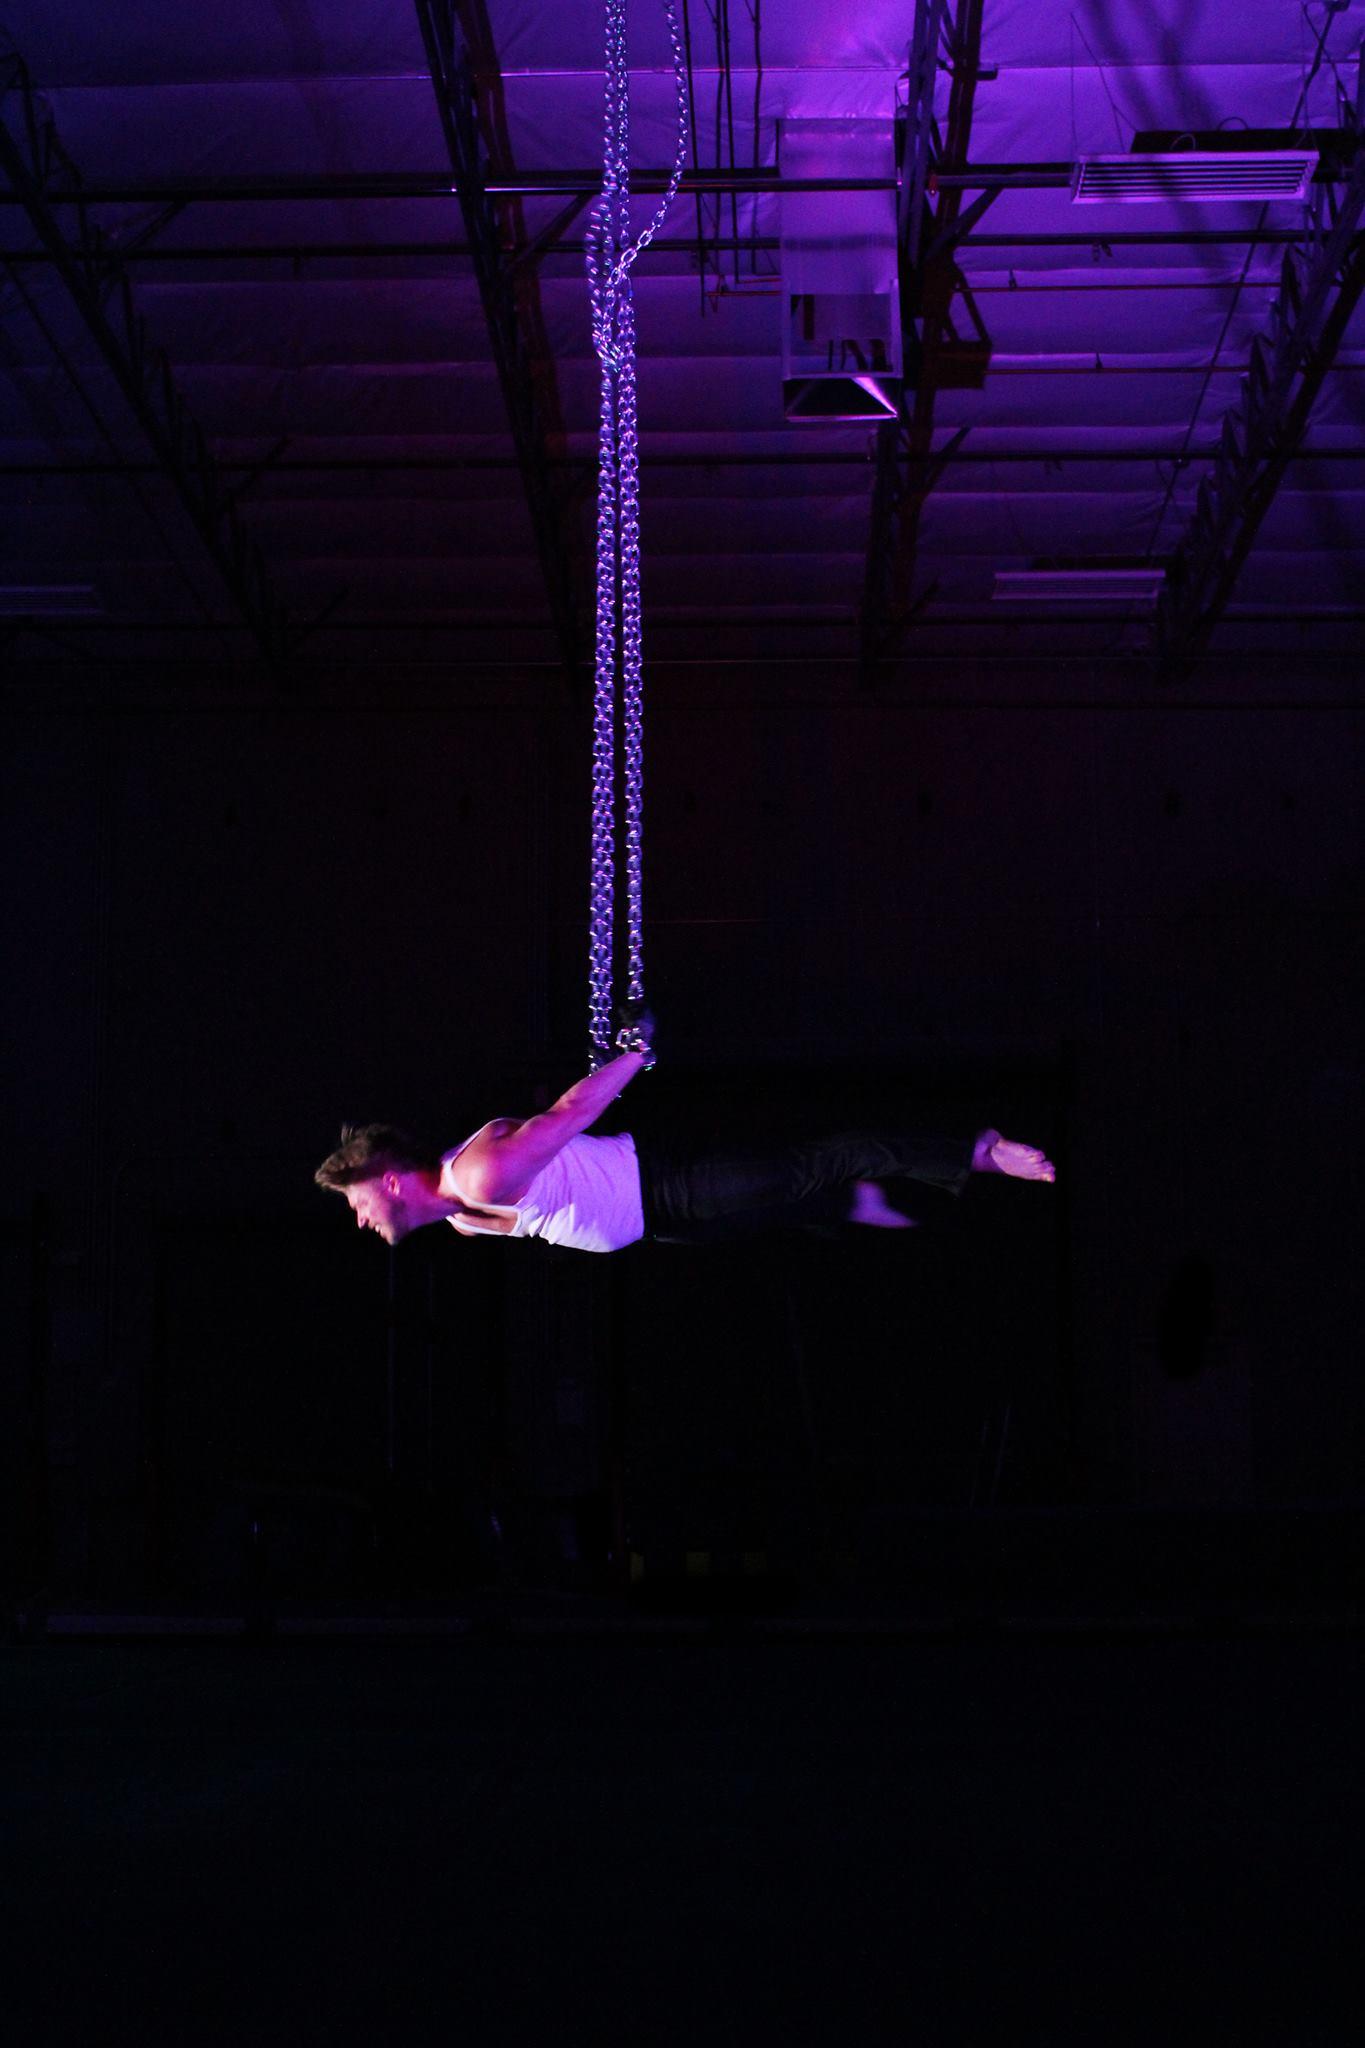 Aaron Wilson Aerial Chains Shine After Dark aaronwilsonaerial (6).jpg